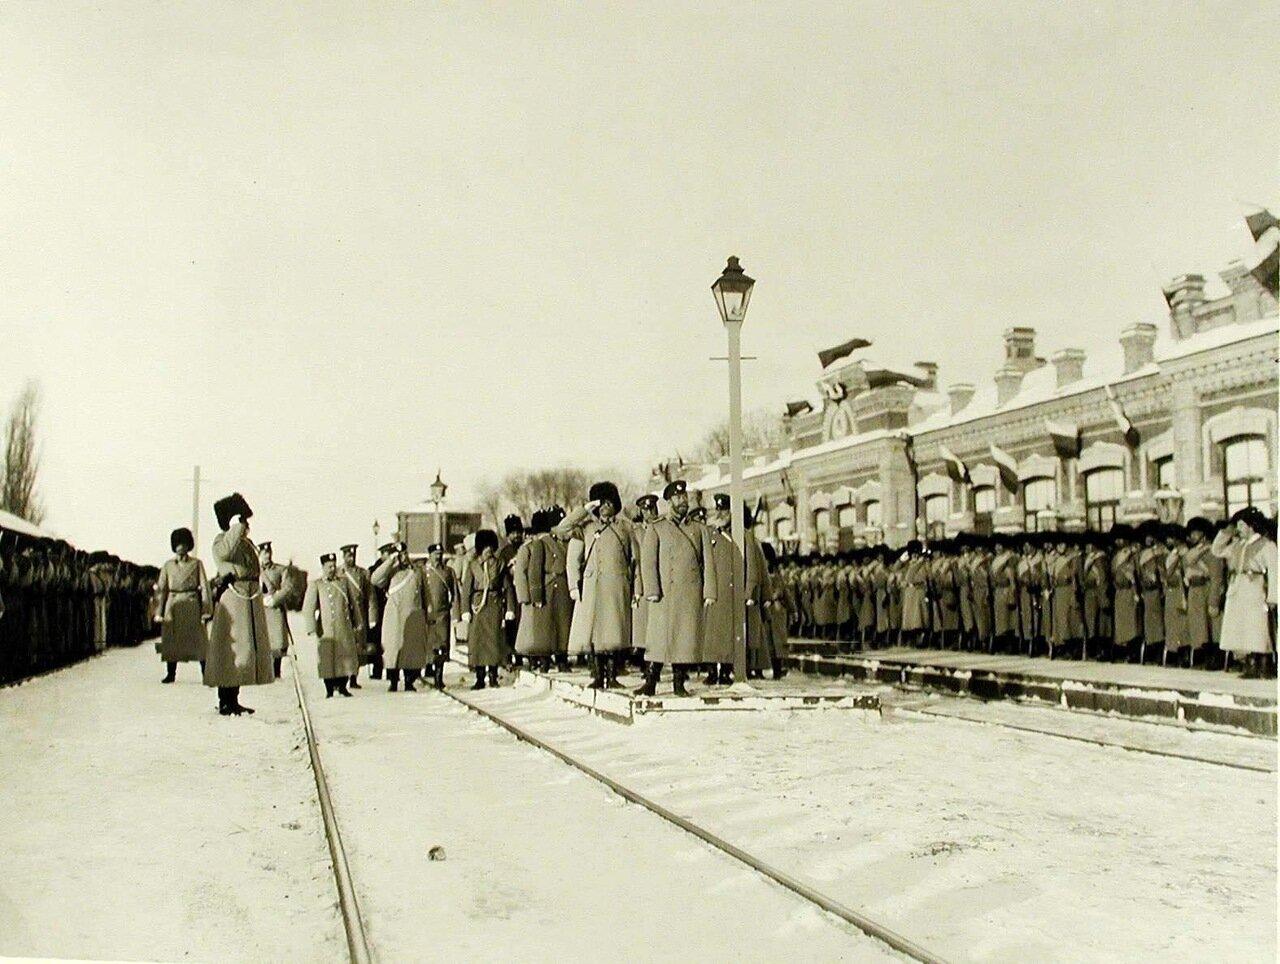 07. Император Николай II со свитой обходит строй солдат 159-го Гурийского и 160-го Абхазского полков,выстроившихся выстроившихся на станции